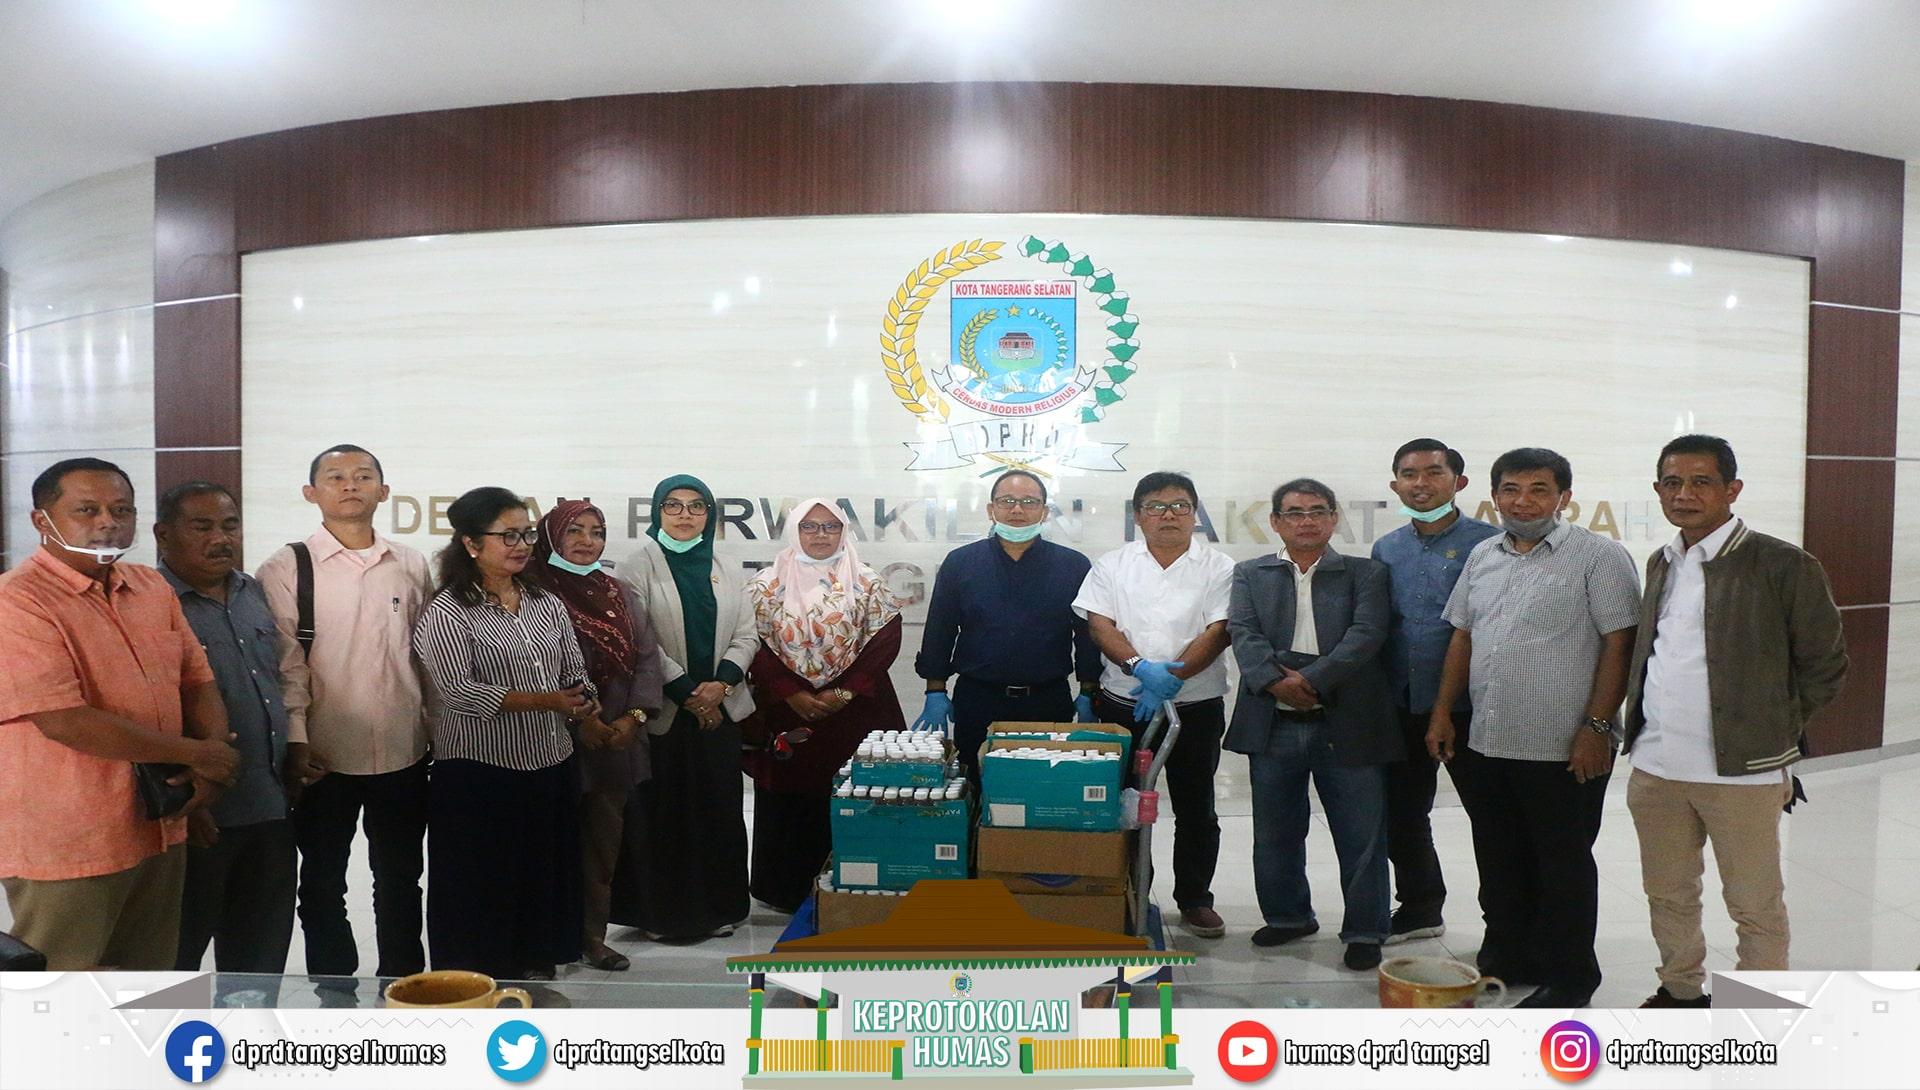 DPRD Tangsel membagikan Hand Sanitizer